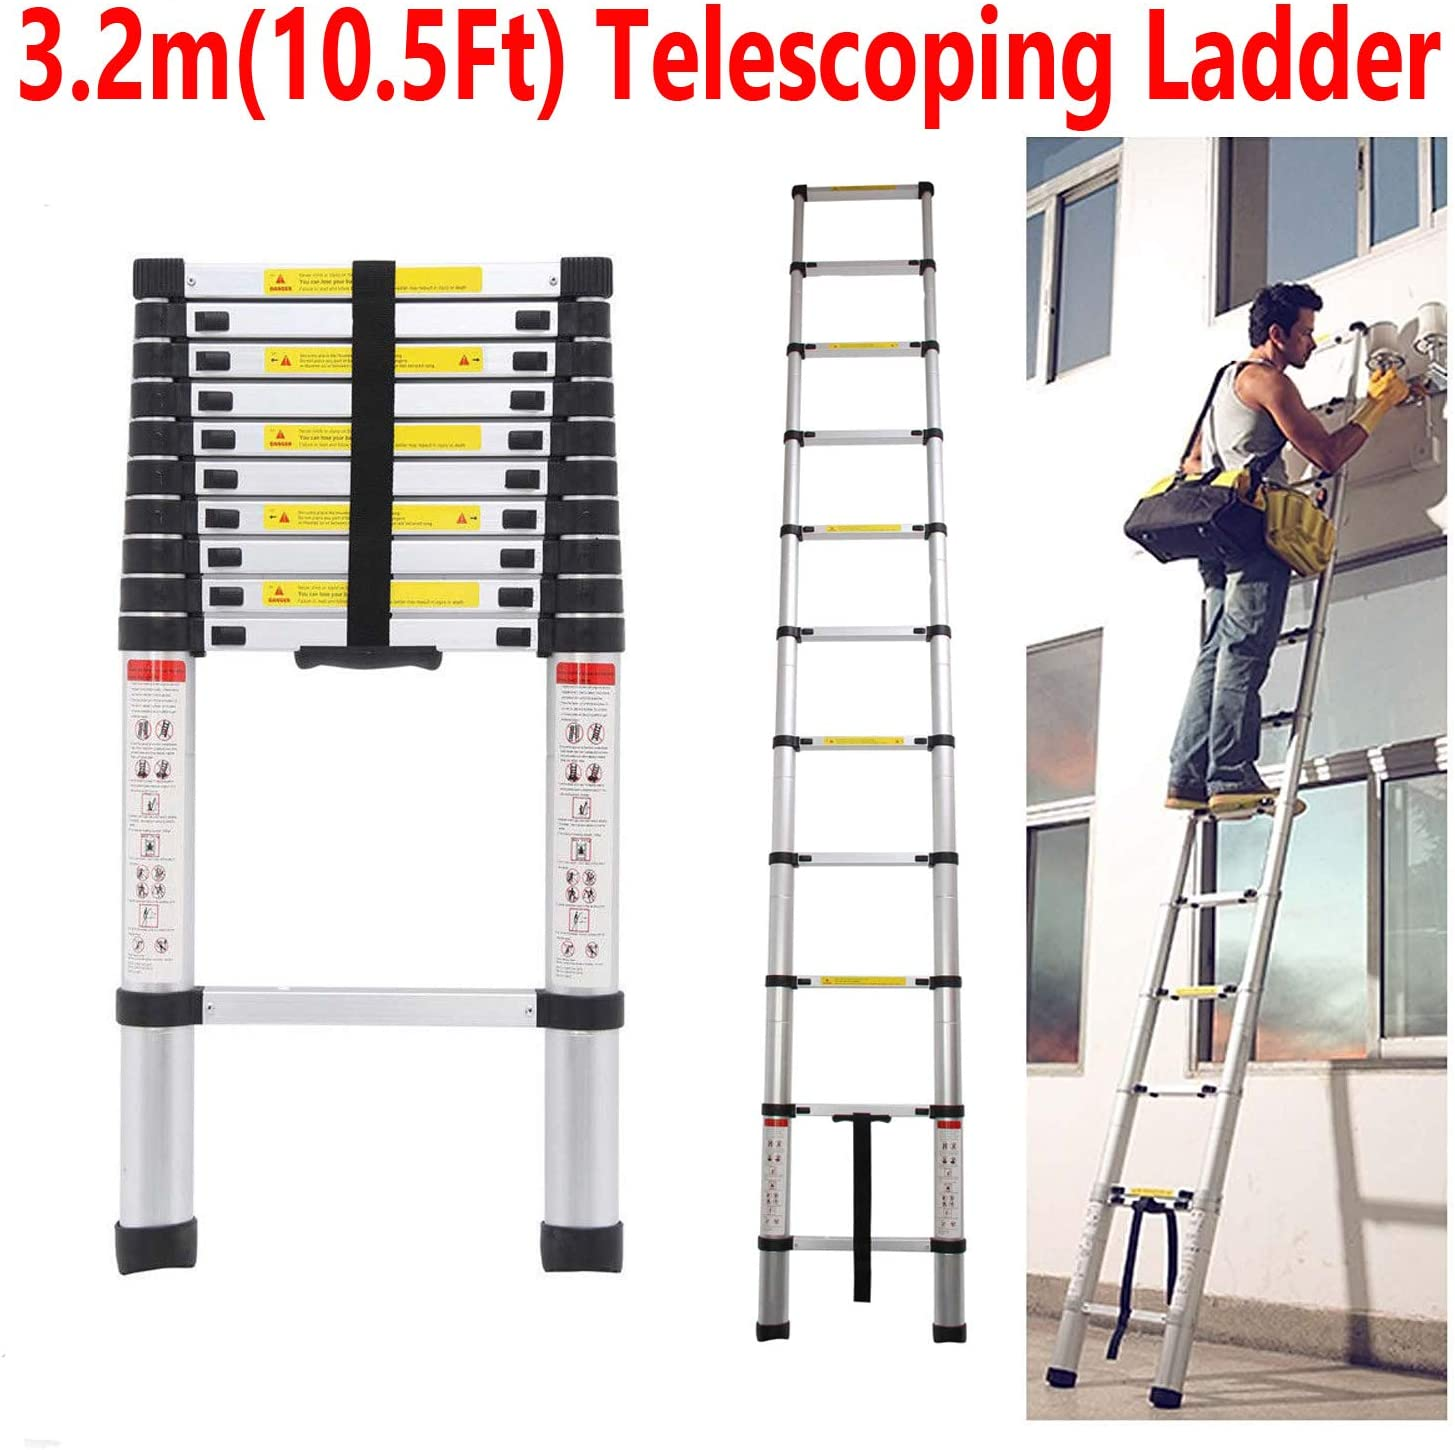 Escalera telescópica de 3,2 m de alta calidad con carga máxima de 330 libras, escalera telescópica plegable de aluminio multiusos extensible con EN131 con goma antideslizante, entrega rápida: Amazon.es: Bricolaje y herramientas